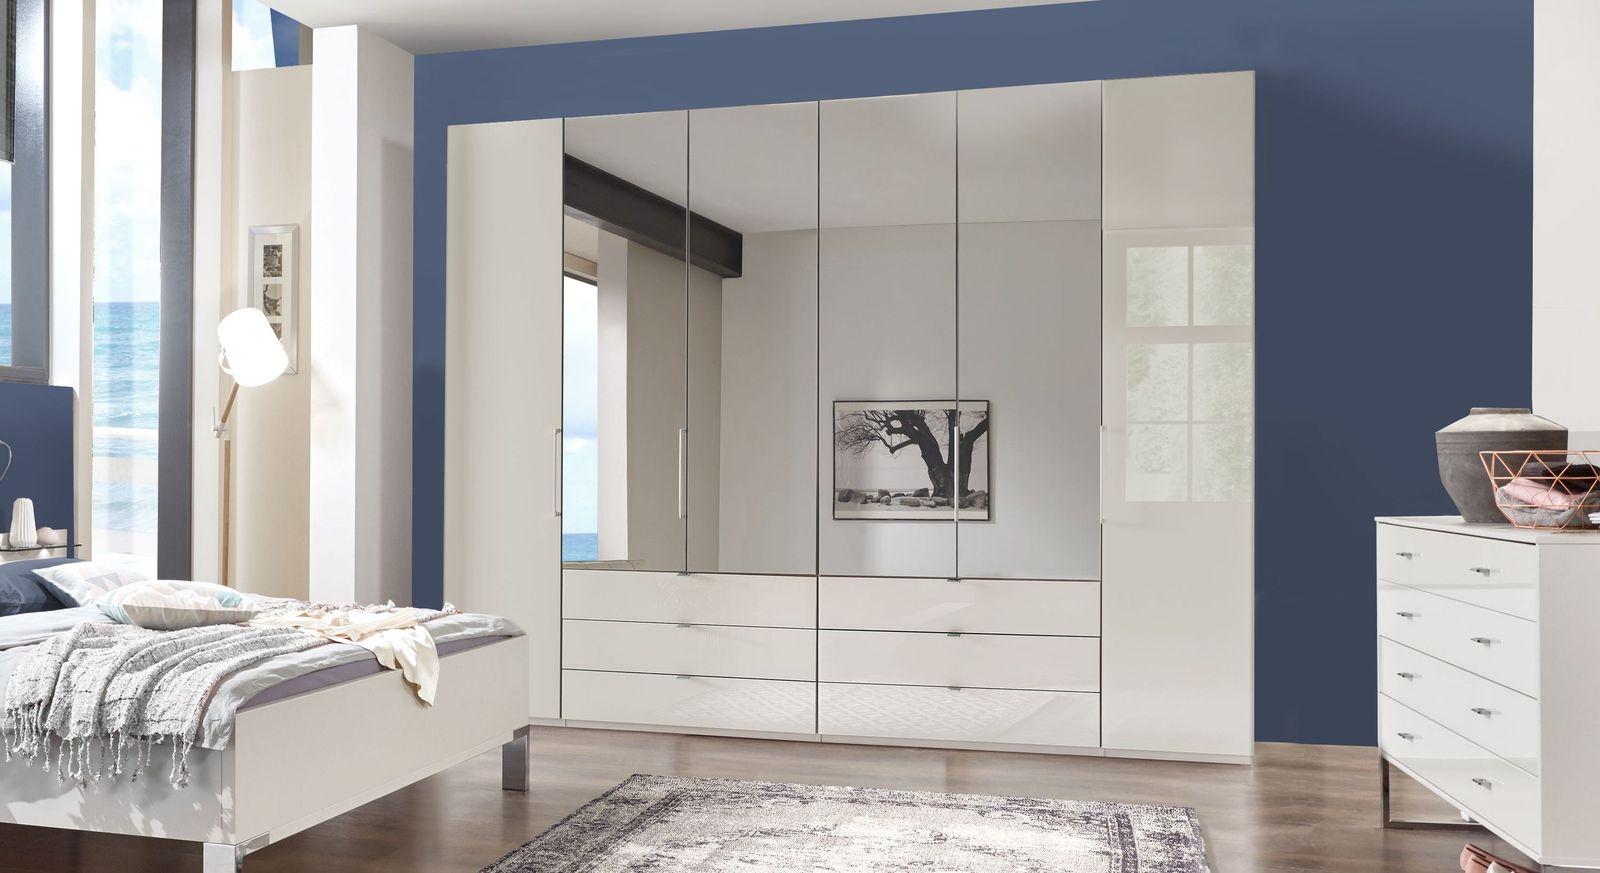 Spiegel-Kleiderschrank Elmira in hochwertiger Verarbeitung